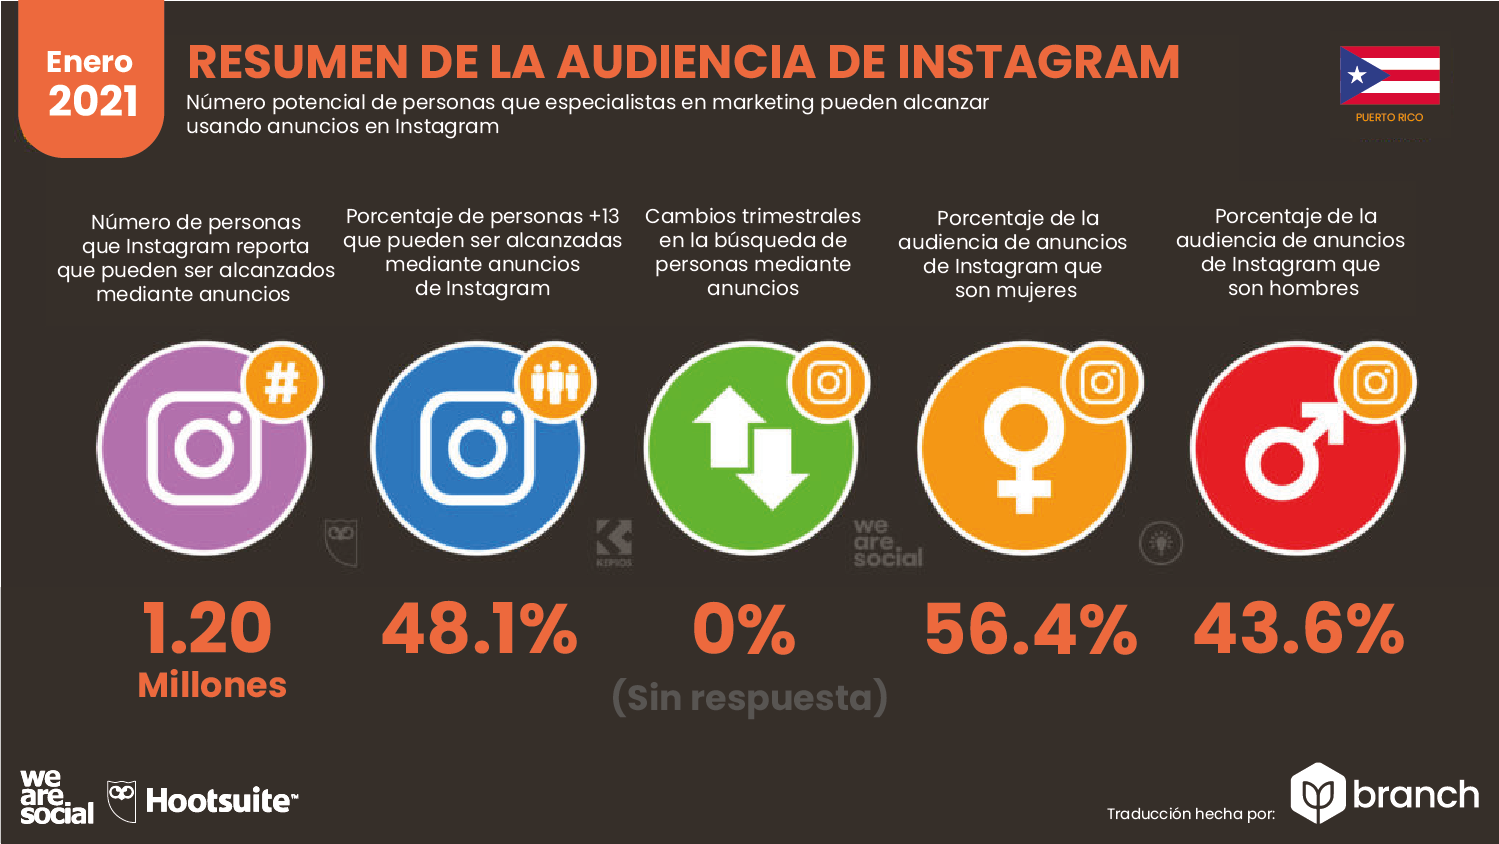 uso-de-instagram-en-puerto-rico-2020-2021